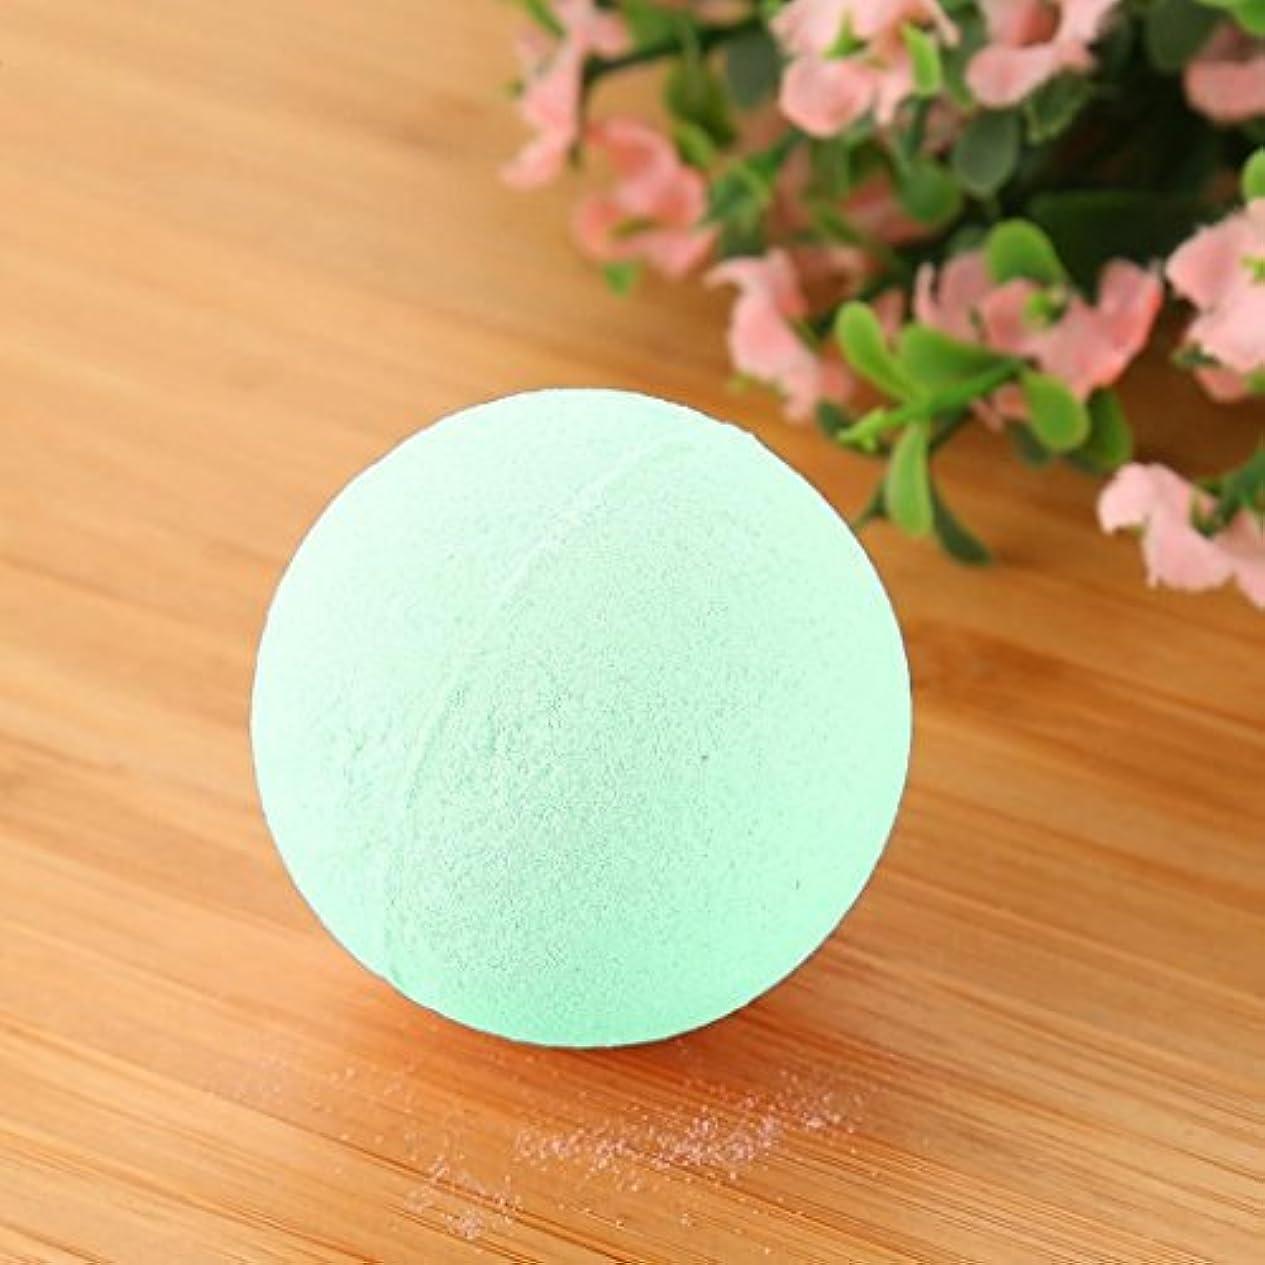 強い熟達した脈拍バブル塩風呂の贈り物のためにボールをリラックスした女性の塩